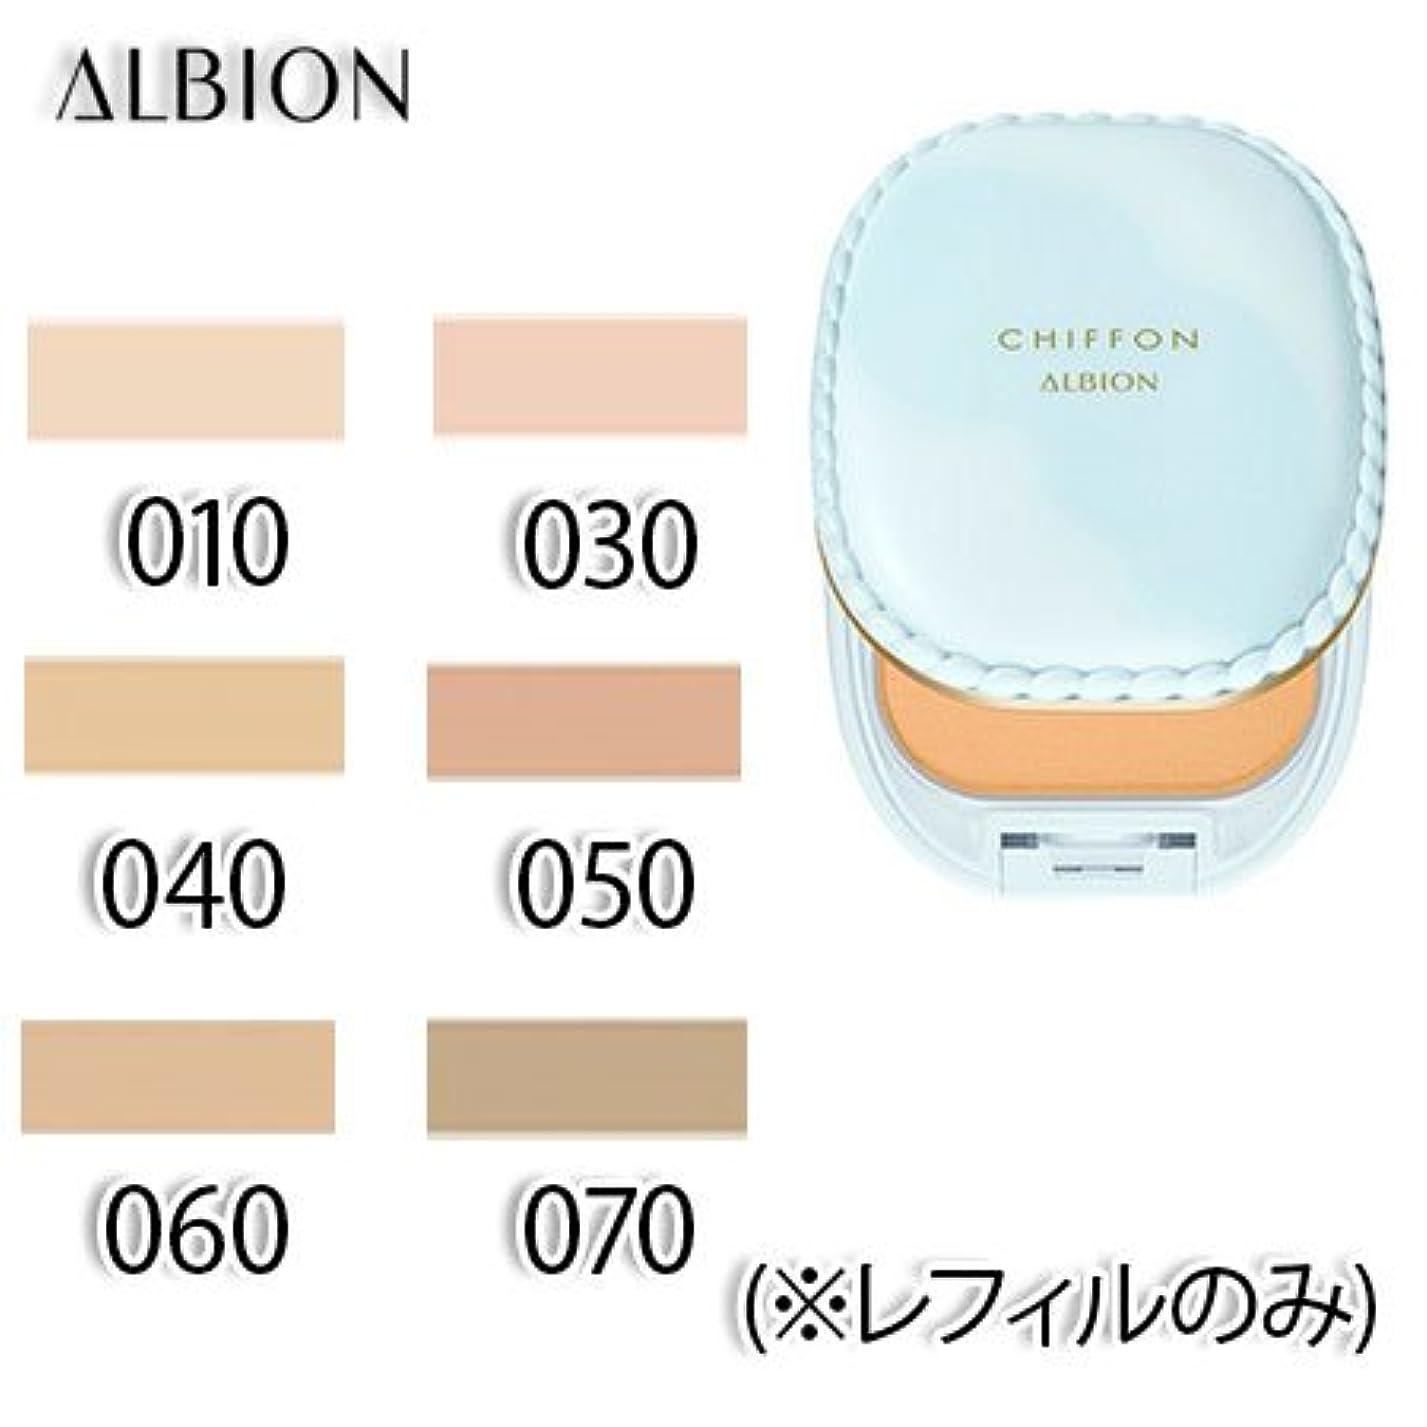 アルビオン スノー ホワイト シフォン 全6色 SPF25?PA++ 10g (レフィルのみ) -ALBION- 070